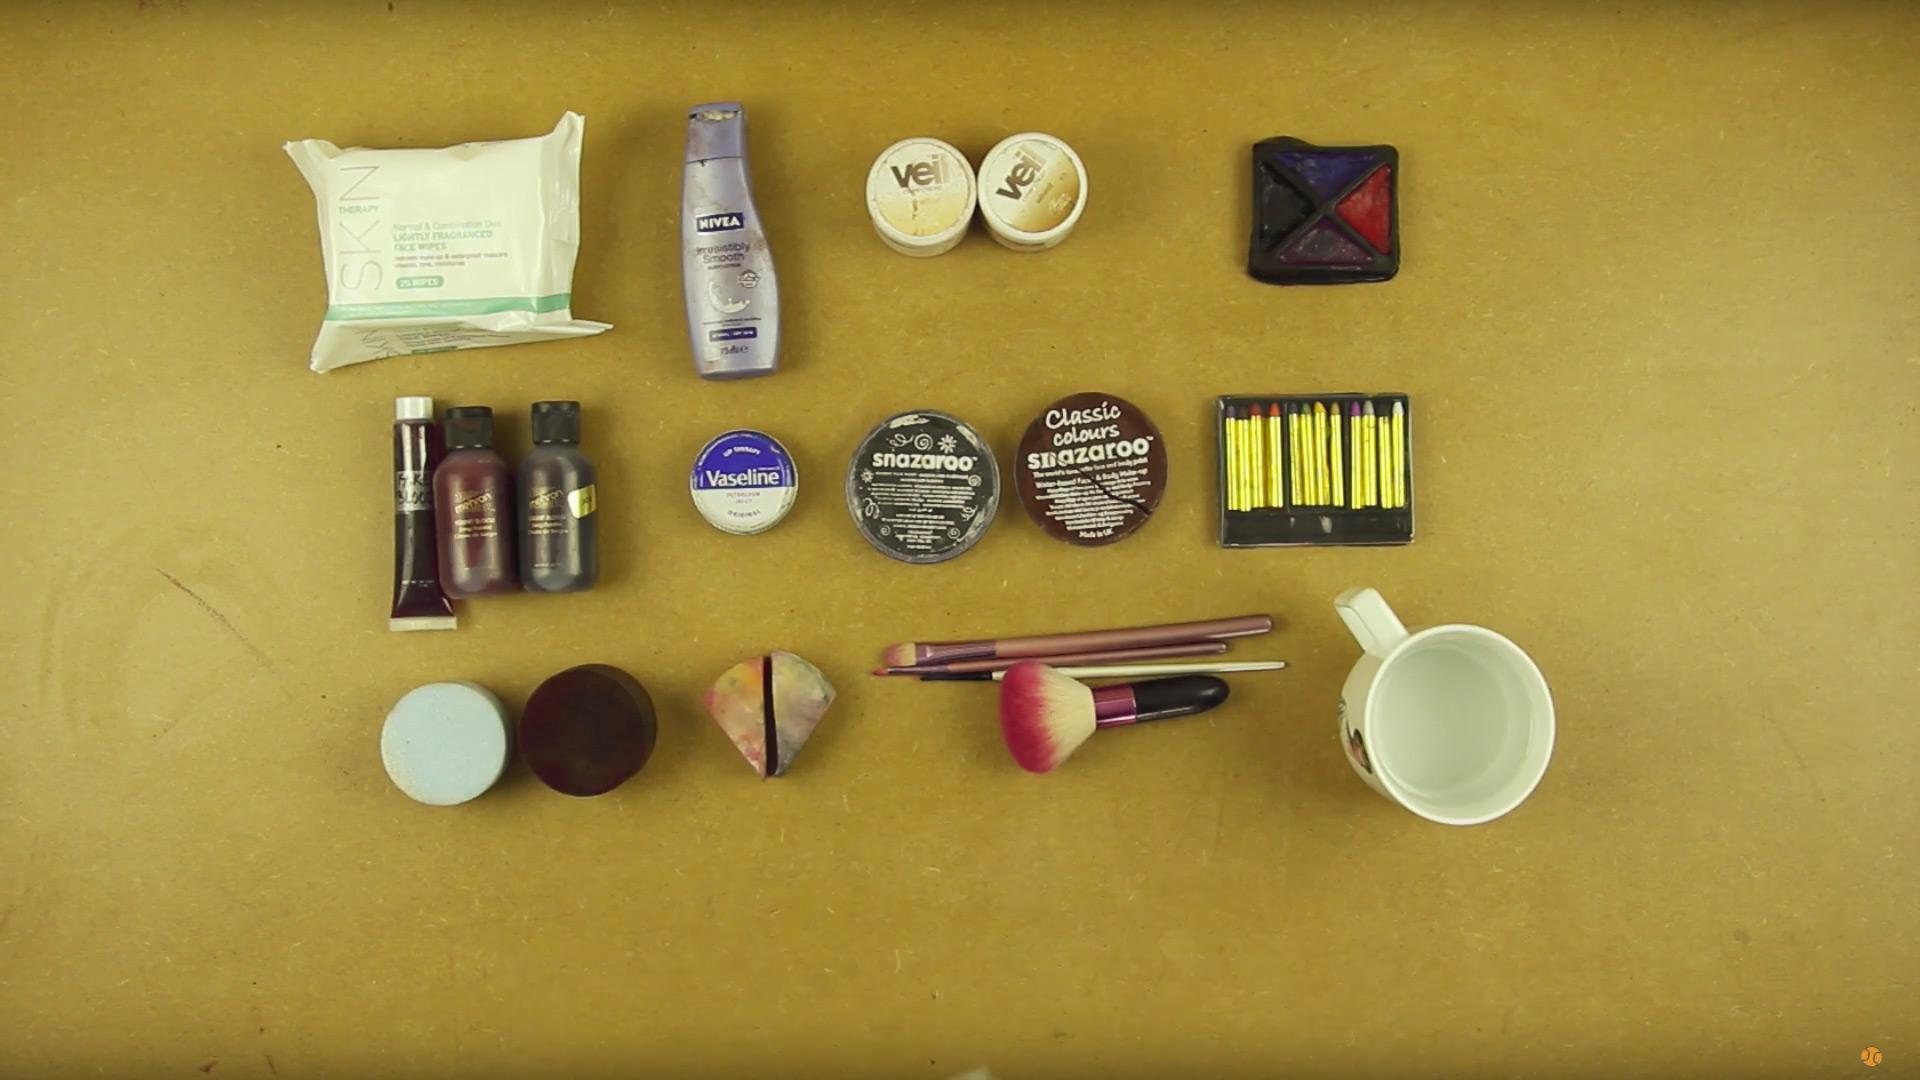 Makeup-Artist-Supplies.jpg